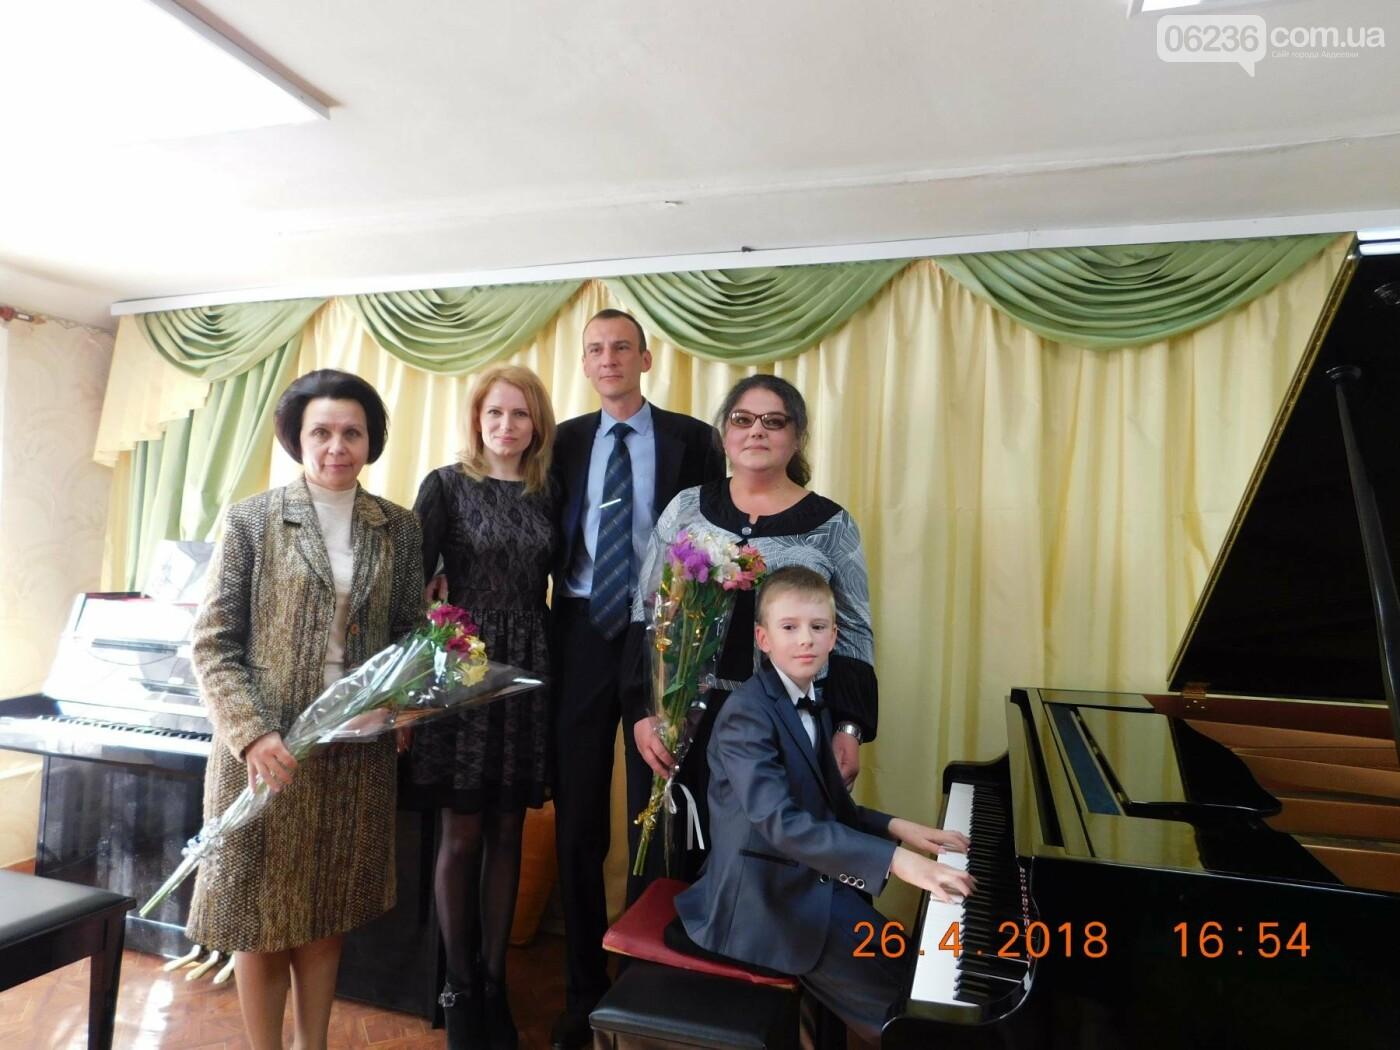 В авдеевской музыкальной школе зажглась еще одна талантливая звезда (ФОТОФАКТ), фото-2